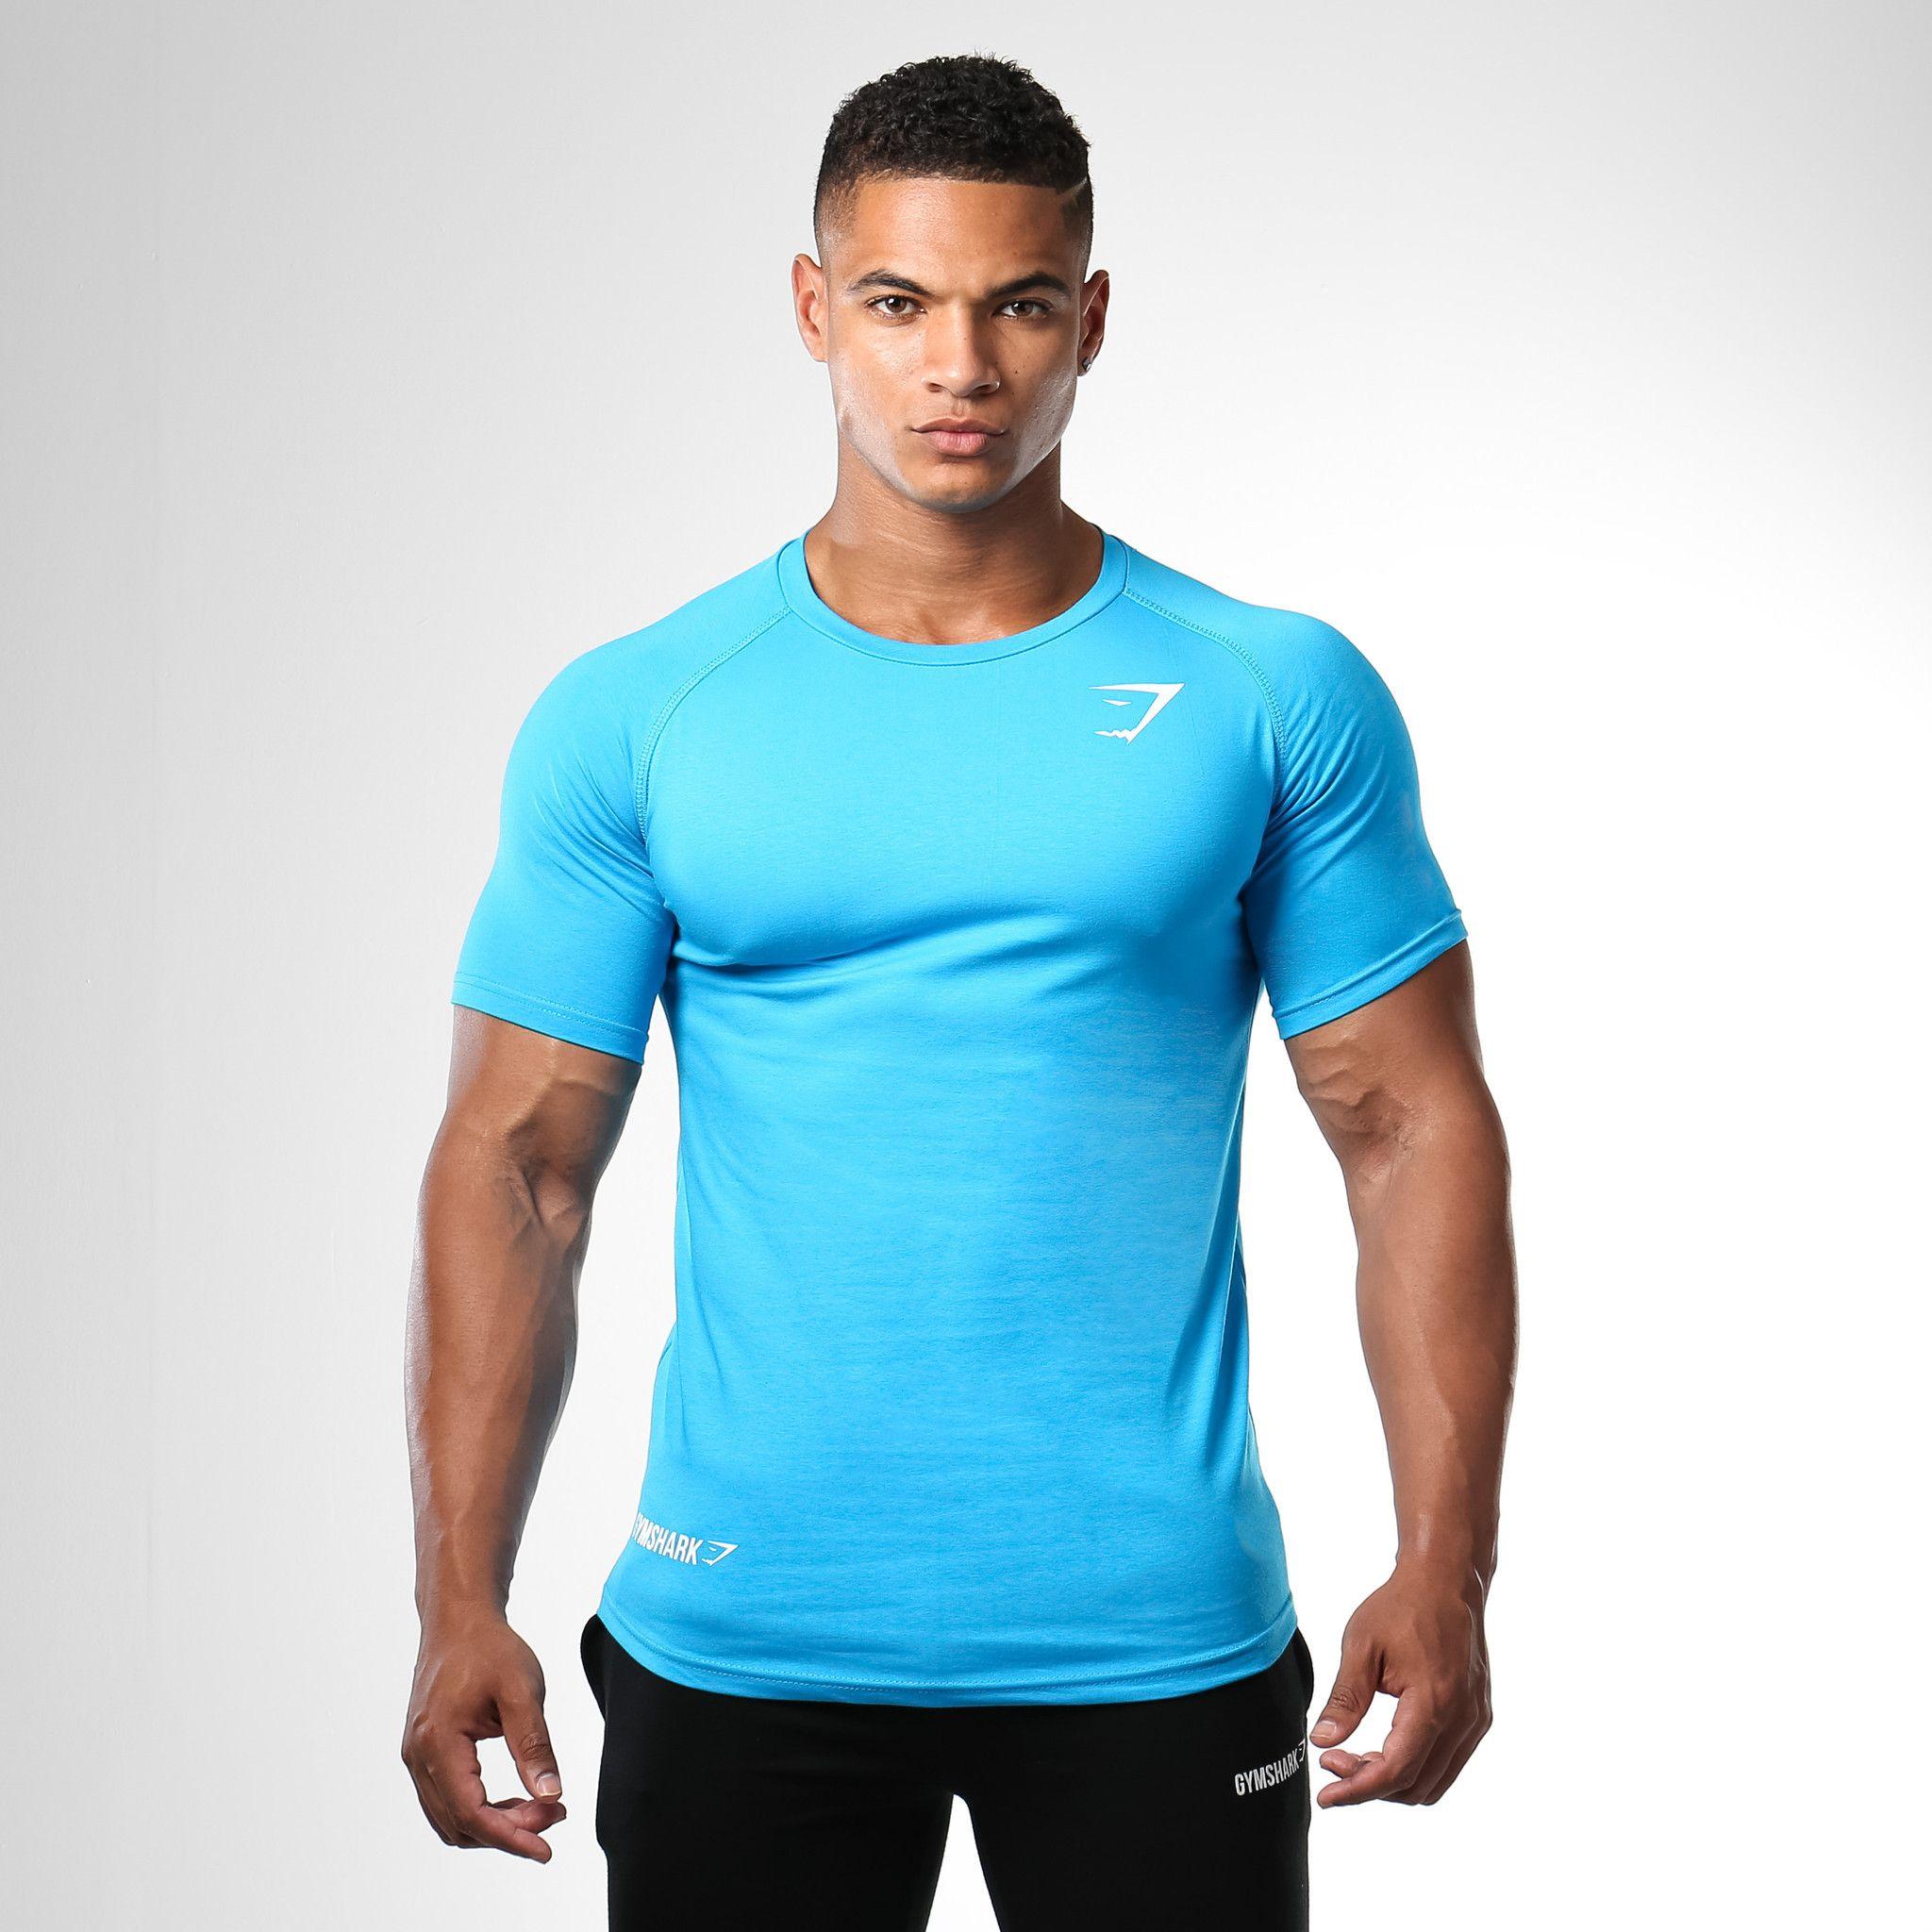 Gymshark Form Fitted T-Shirt - Gymshark Blue. The Gymshark Form ...